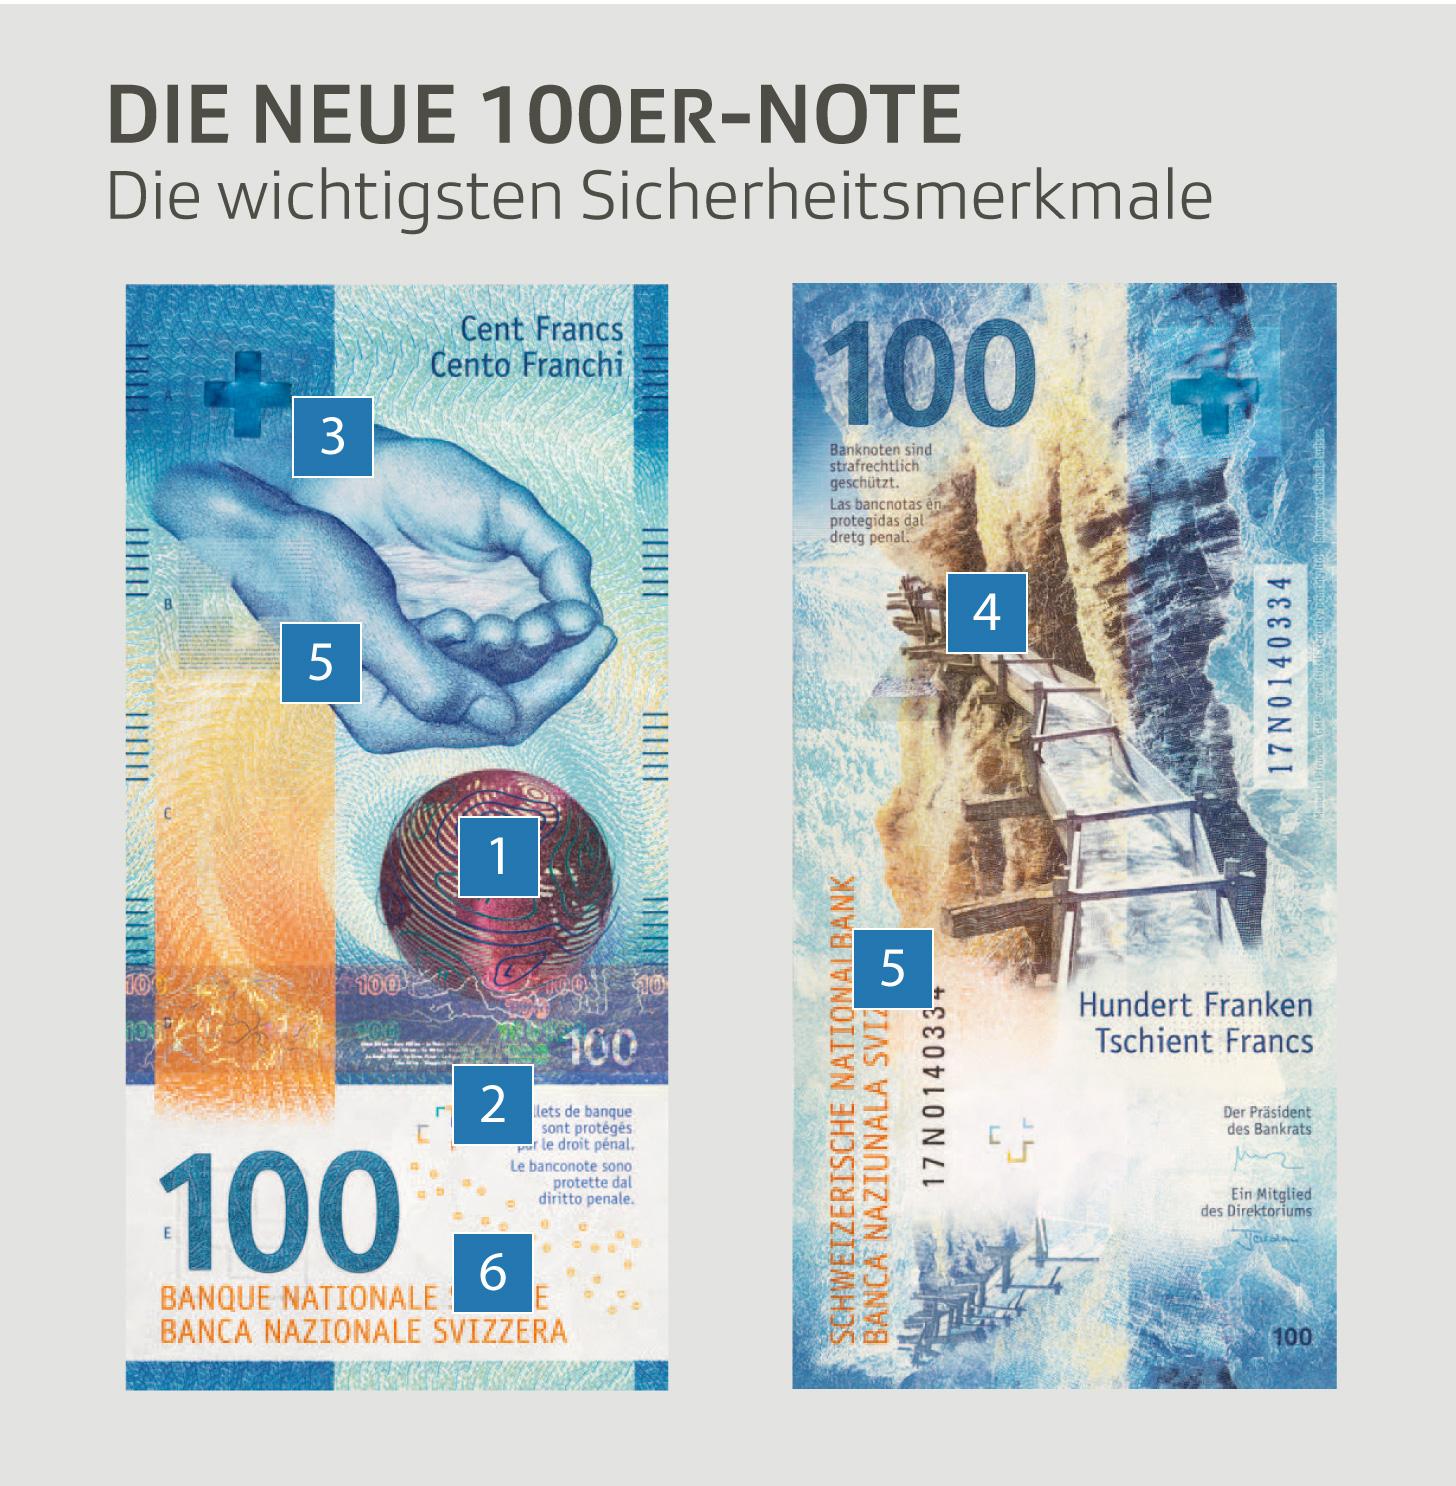 Die Sicherheitsmerkmale der neuen 1000er-Note